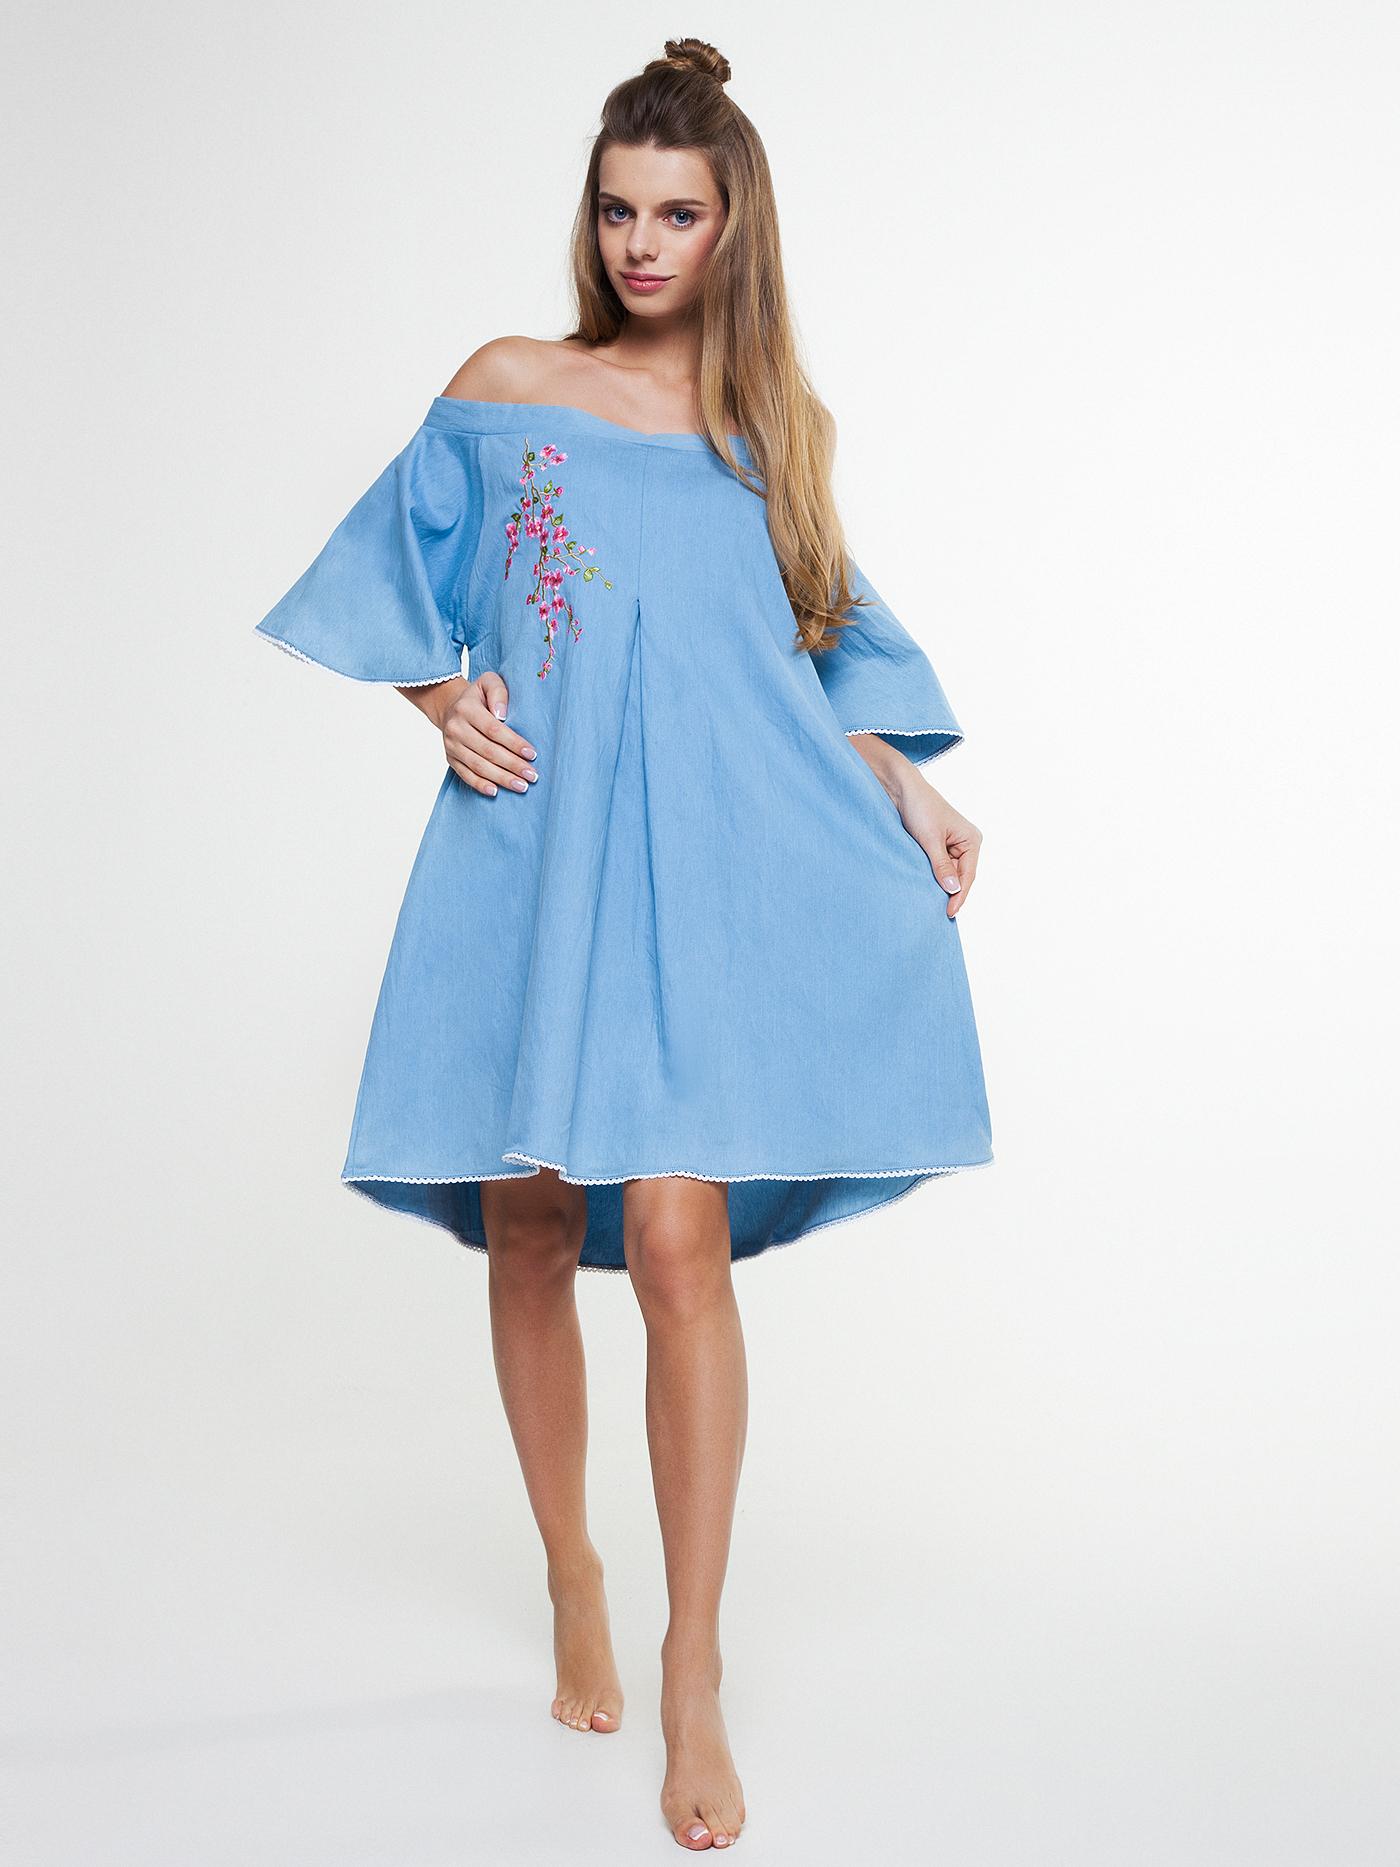 Платье vendetta denimБюстье<br>платье<br><br>Цвет: Синий<br>Декор: Вышивка<br>Стилистика: Без стилистики<br>Направление: Бюстье<br>Пол: Женский<br>Материал: 65%ХЛОПОК, 33%ПЛ, 2%ЭЛ<br>Размер: 2